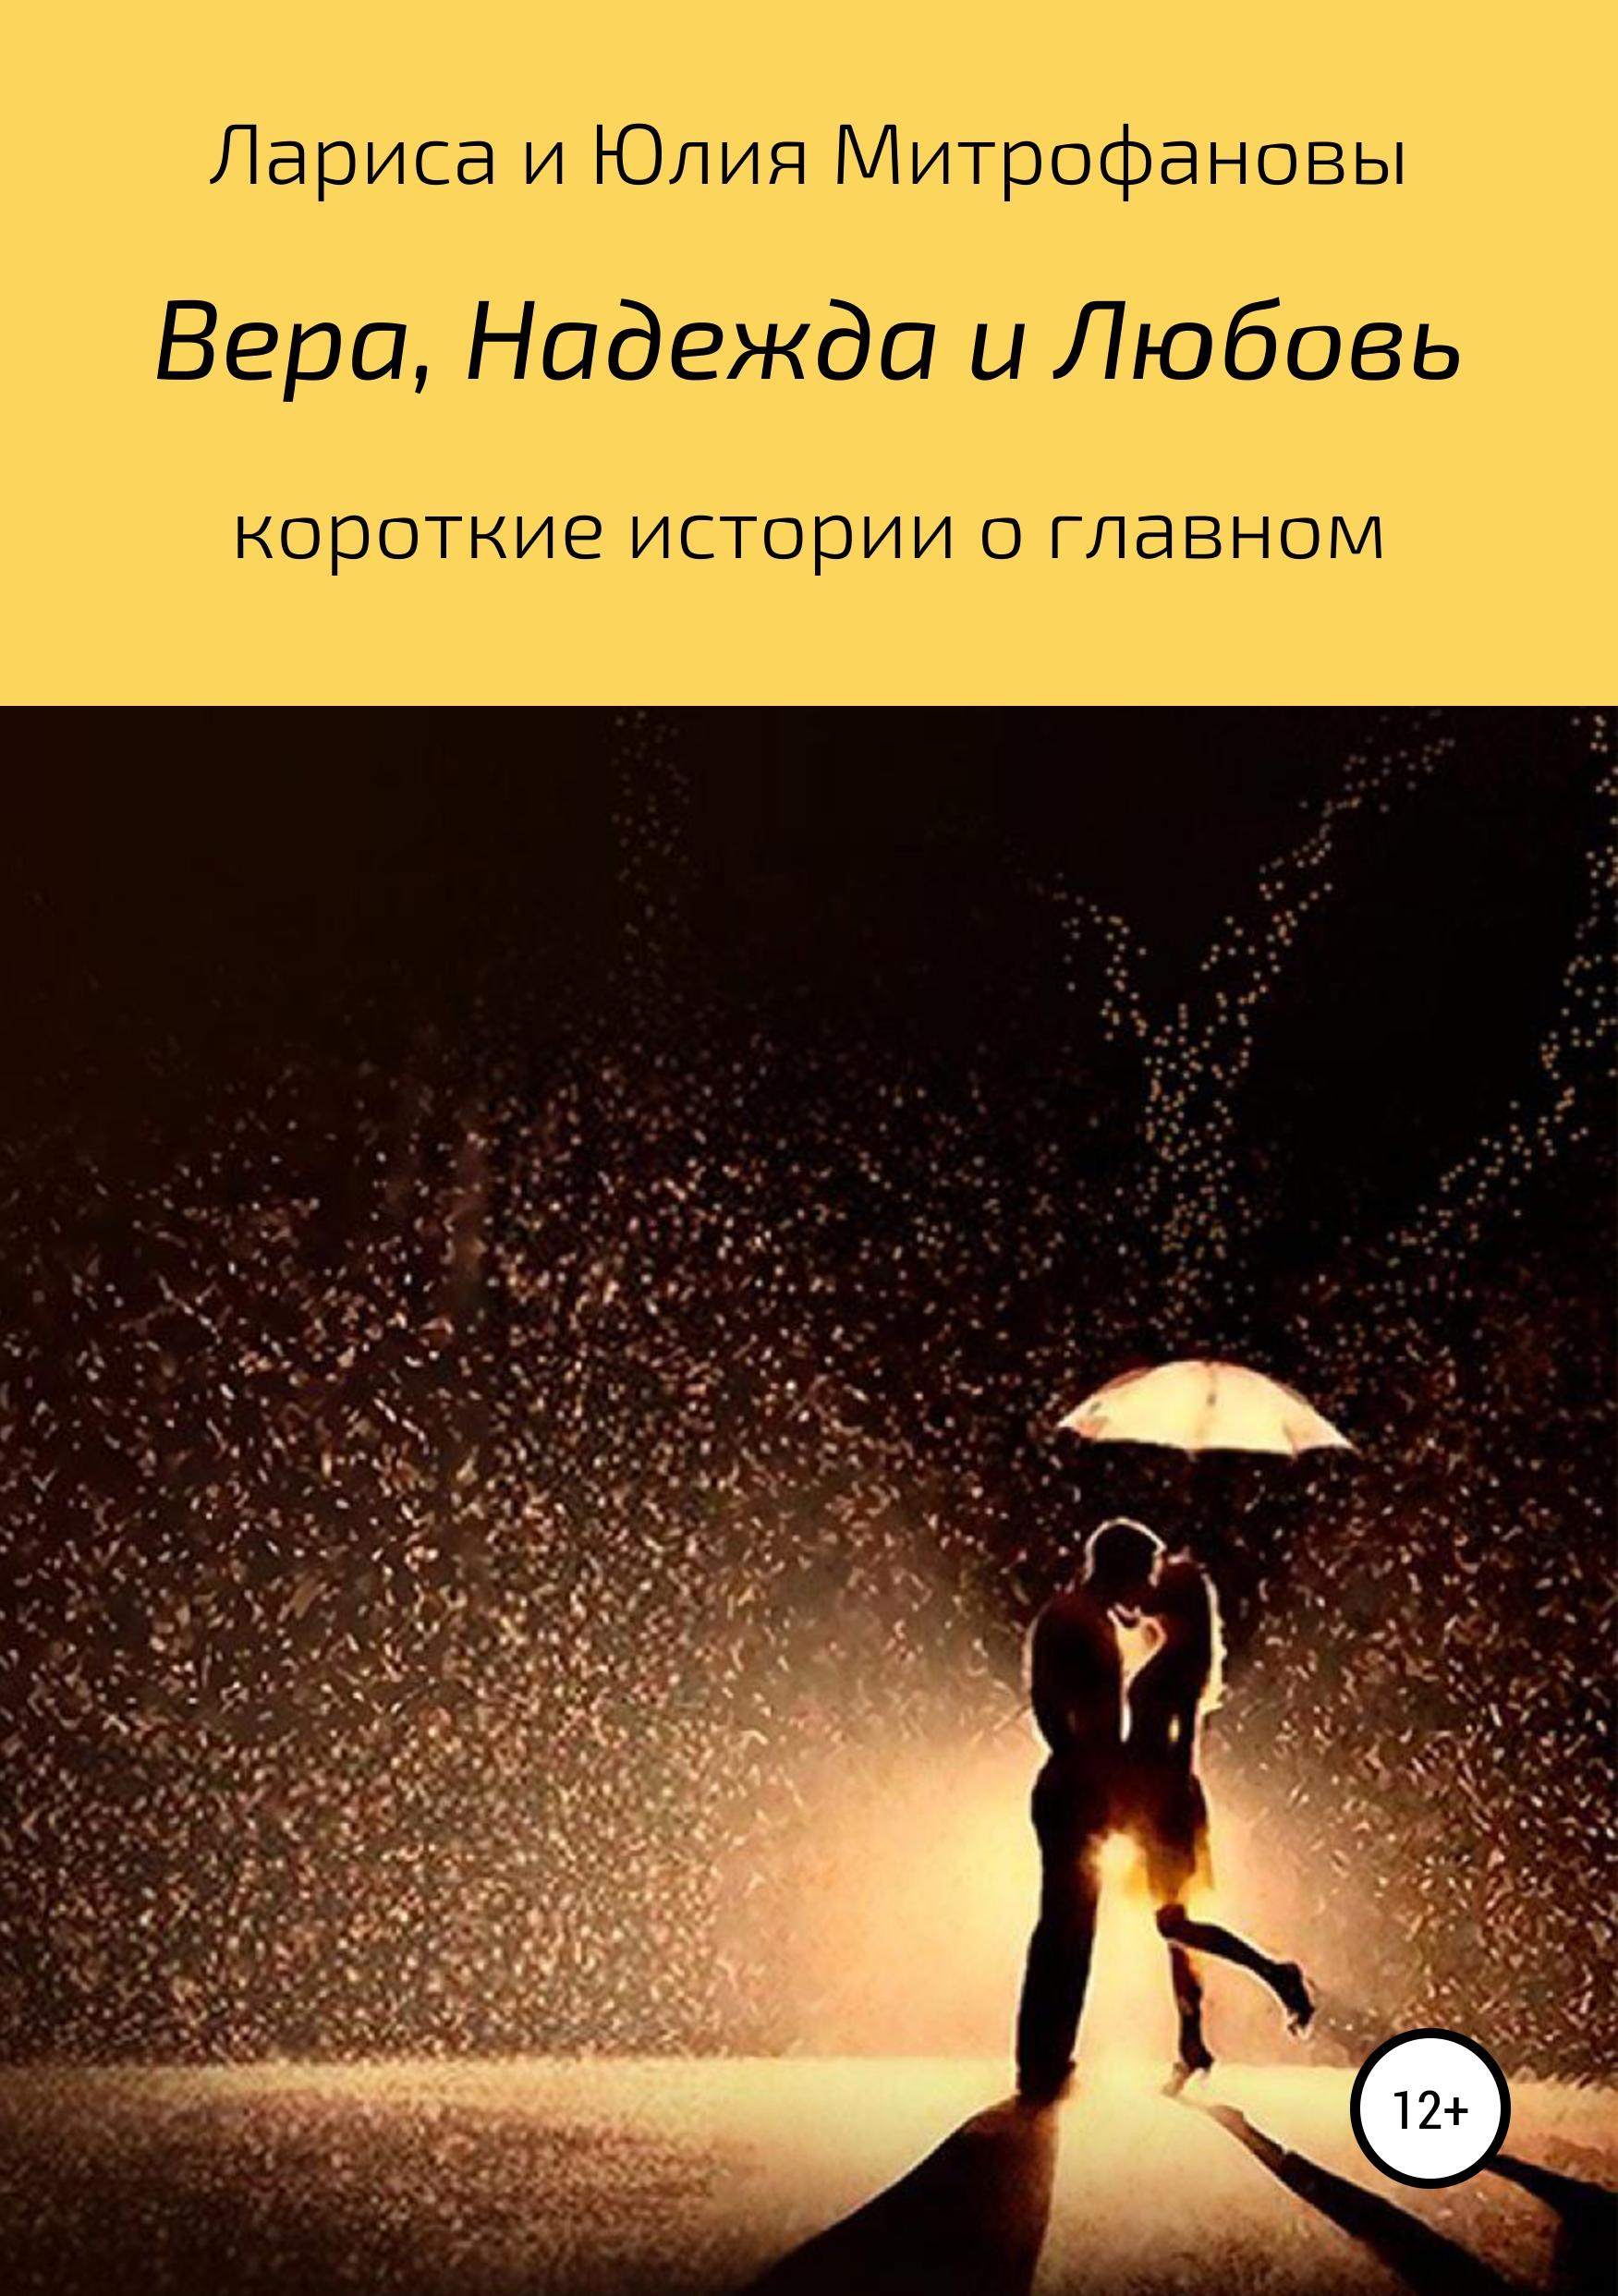 лучшая цена Лариса Анатольевна Митрофанова Вера, Надежда и Любовь